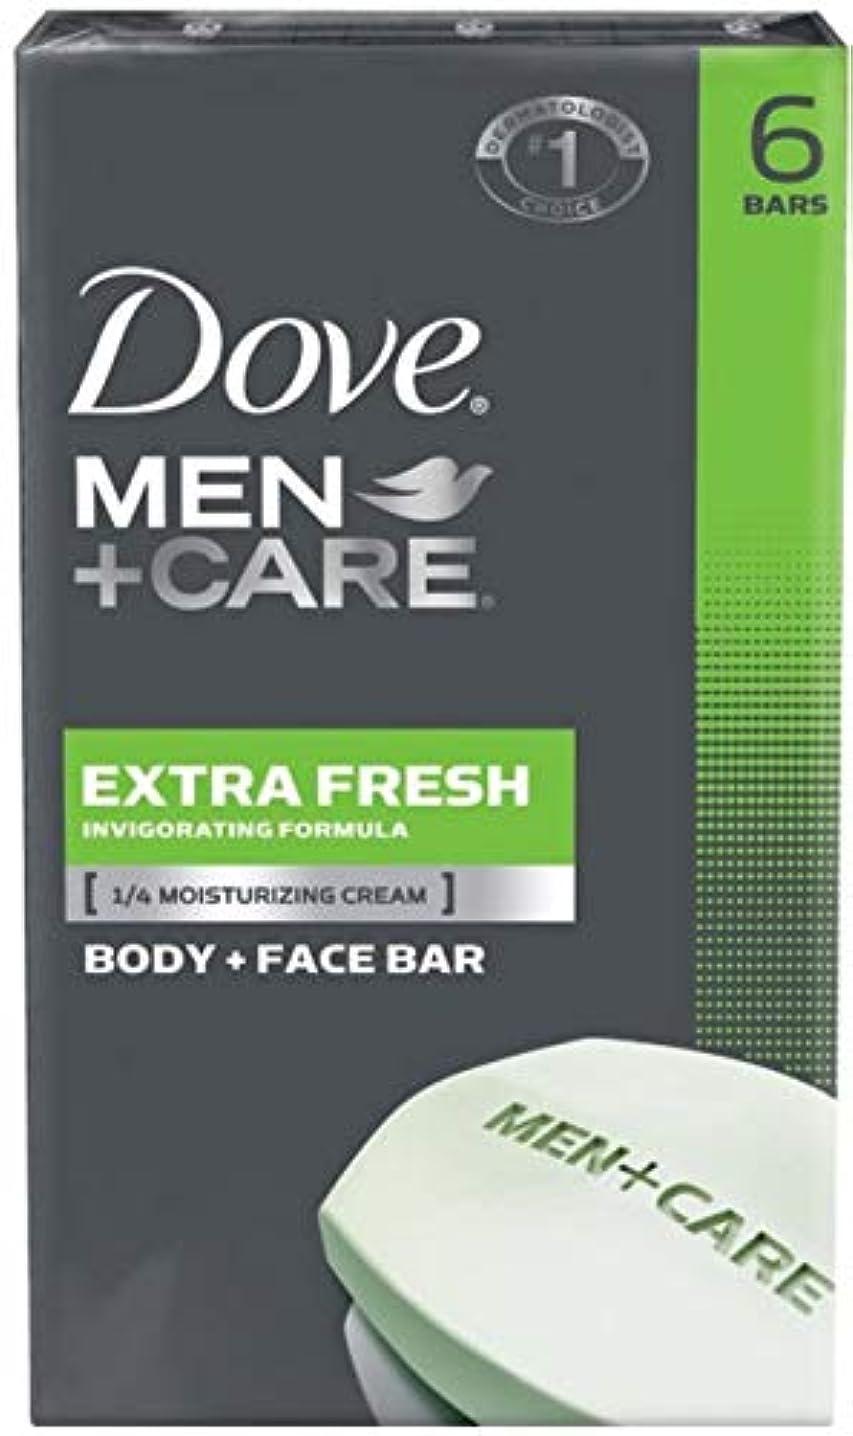 独裁珍しい忌まわしいDove Men + Care Body and Face Bar, Extra Fresh 4oz x 6soaps ダブ メン プラスケア エクストラフレッシュ 固形石鹸 4oz x 6個パック [海外直送品]